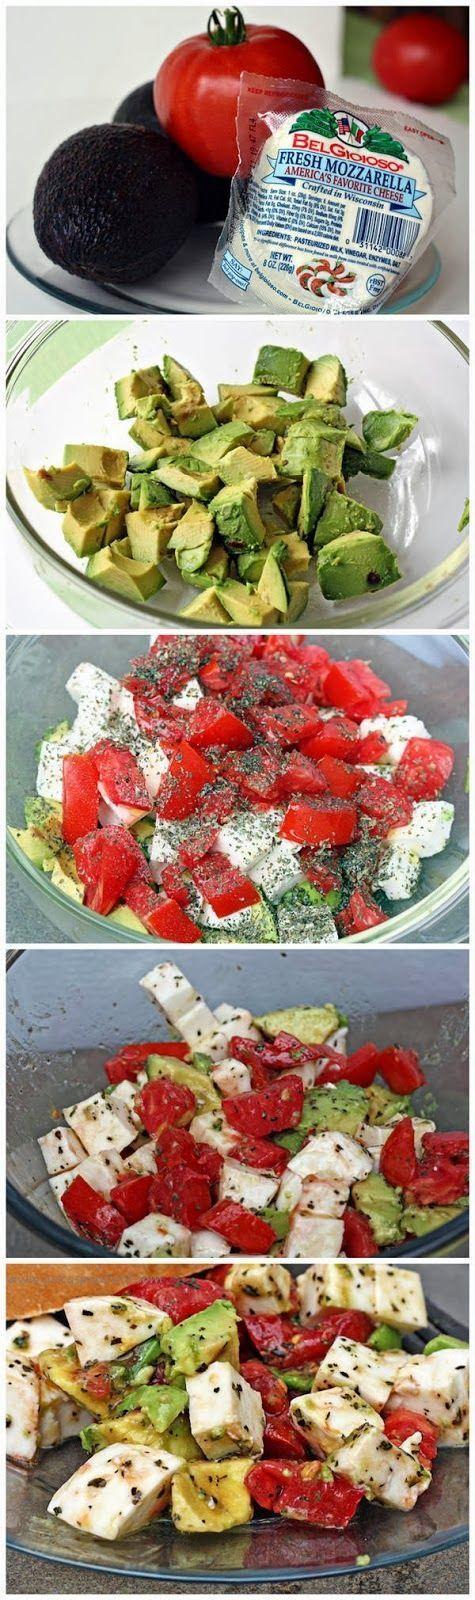 Mozzarella Salad Avocado Tomato Salad #healthy #avocado #salad